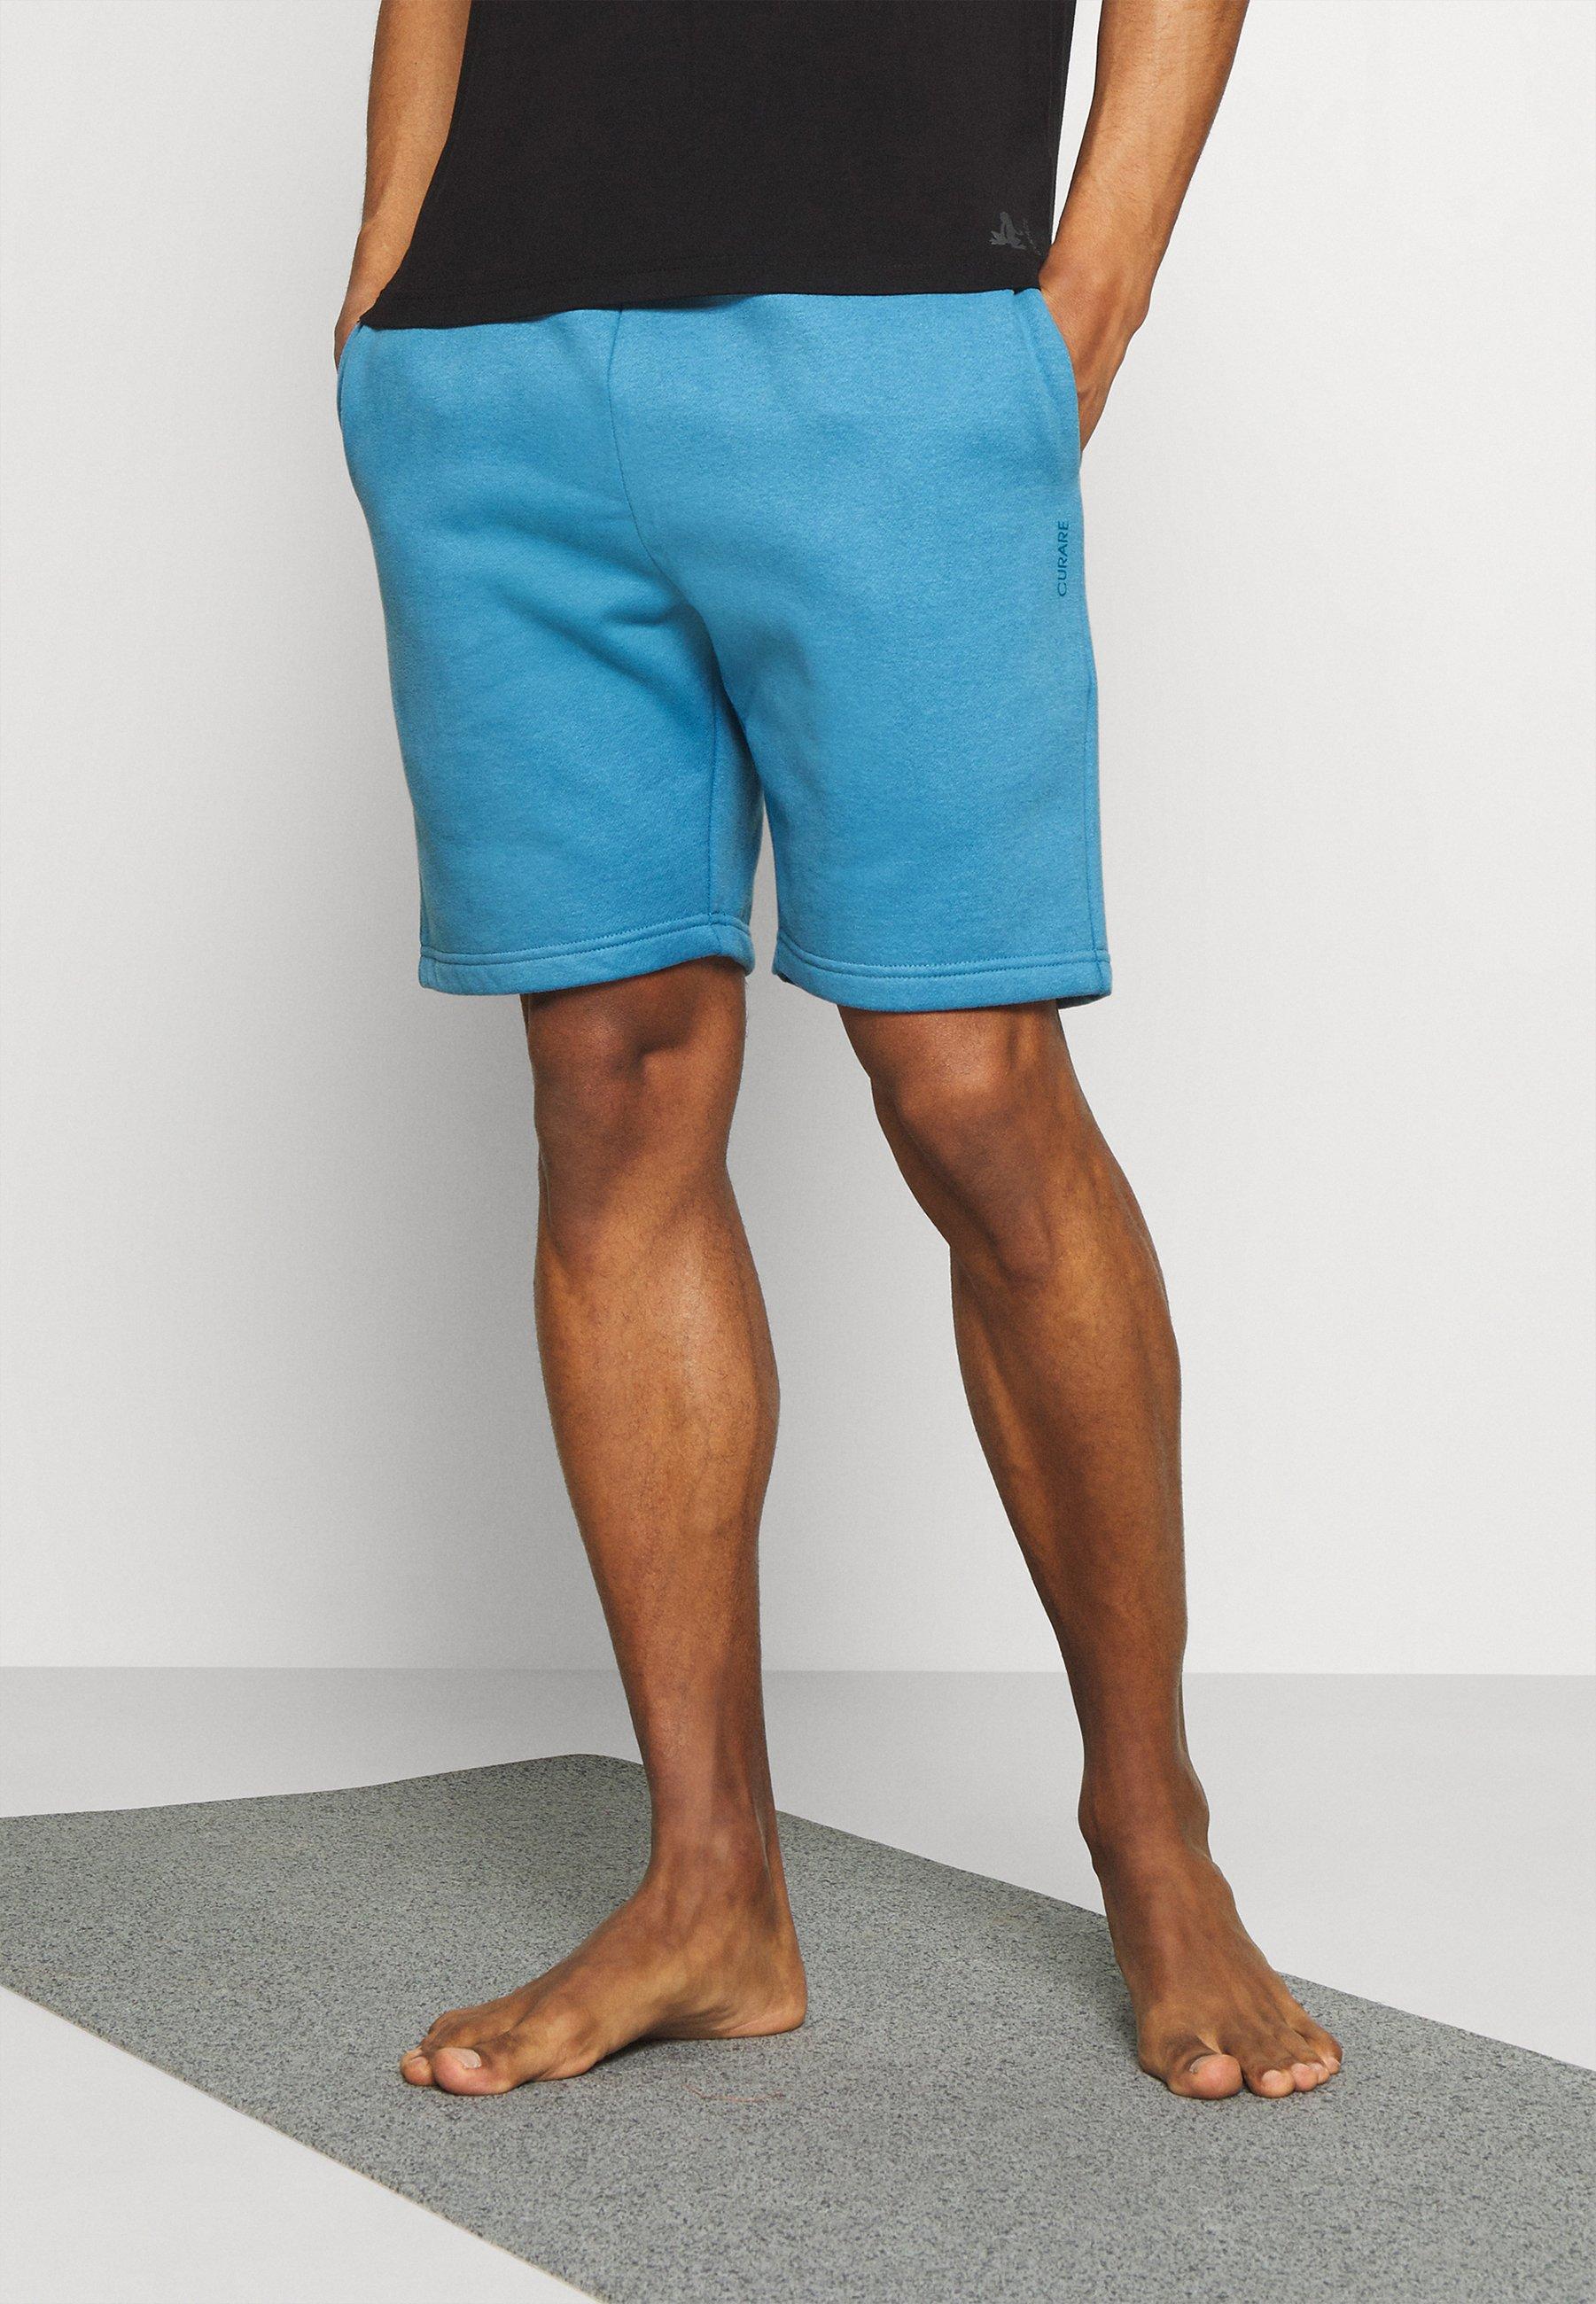 Men SHORTS - Sports shorts - light blue